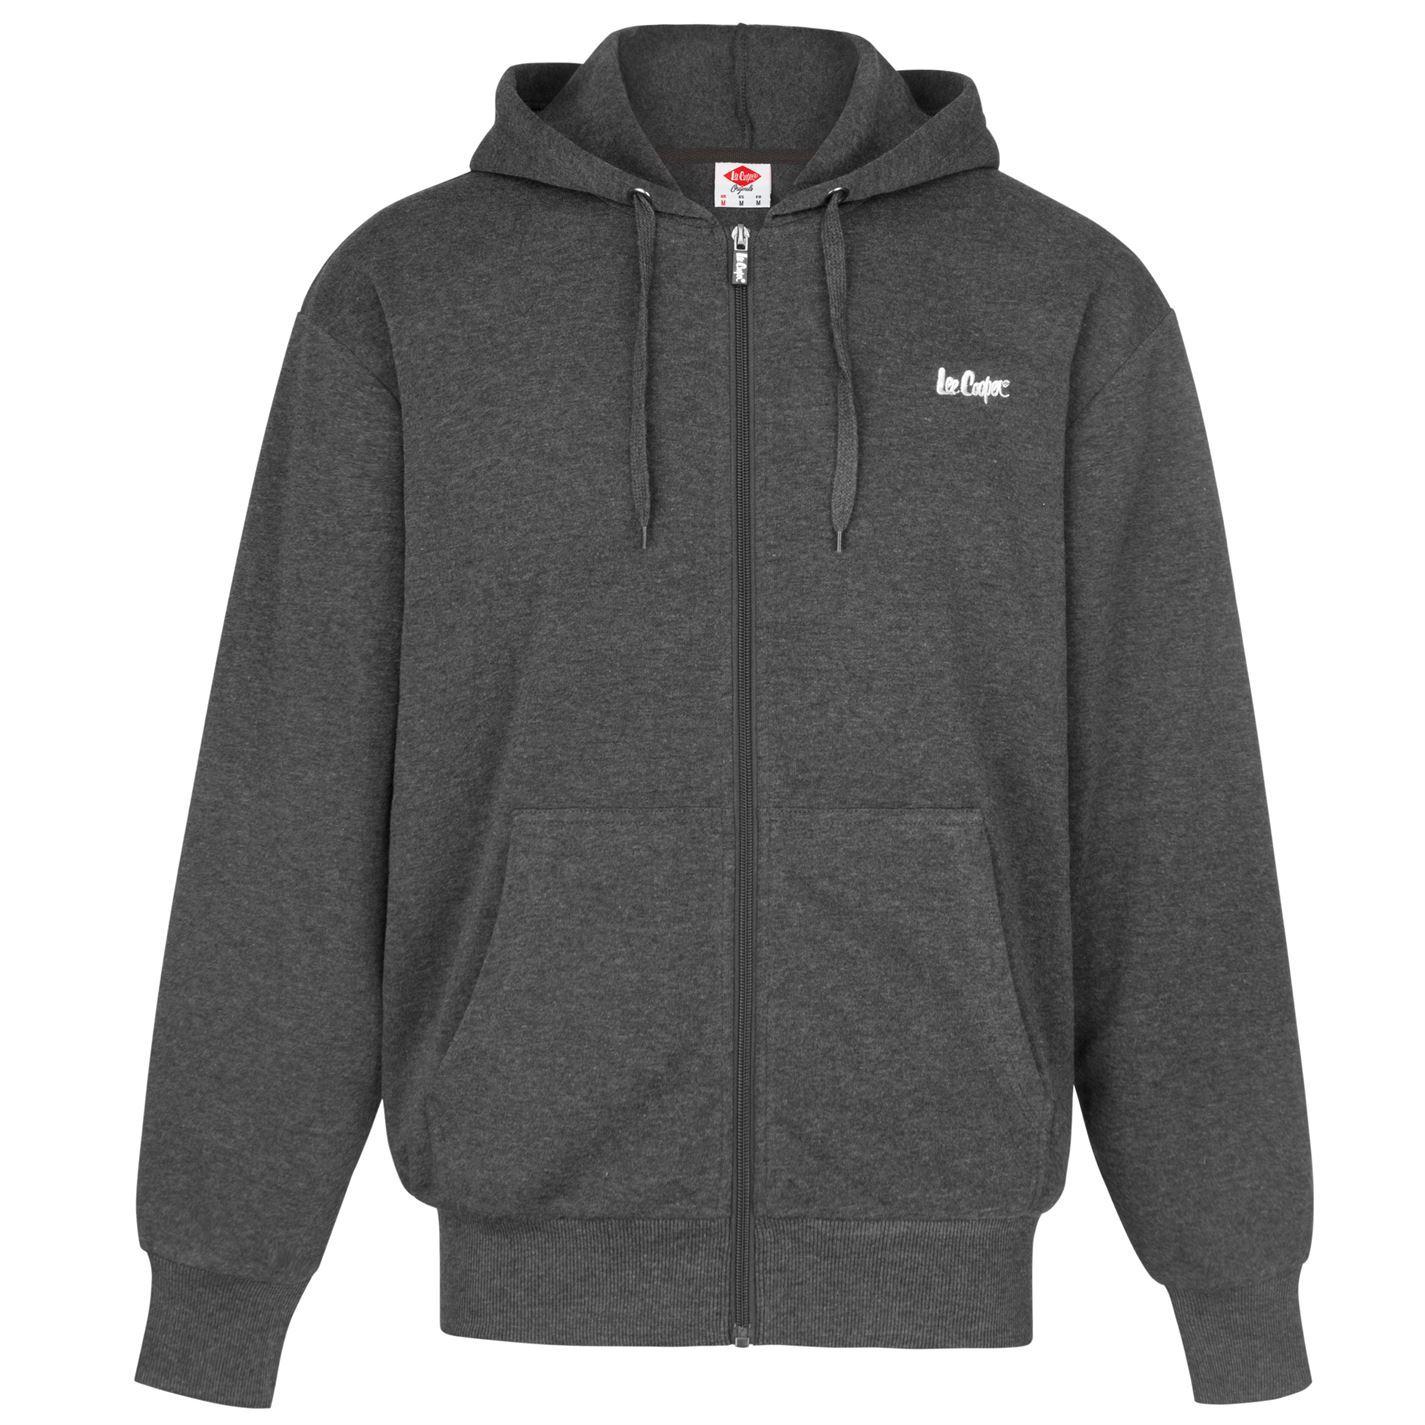 Lee Cooper Full Zip Hoody Jacket Mens Hoodie Hooded Top Sweatshirt Sweater